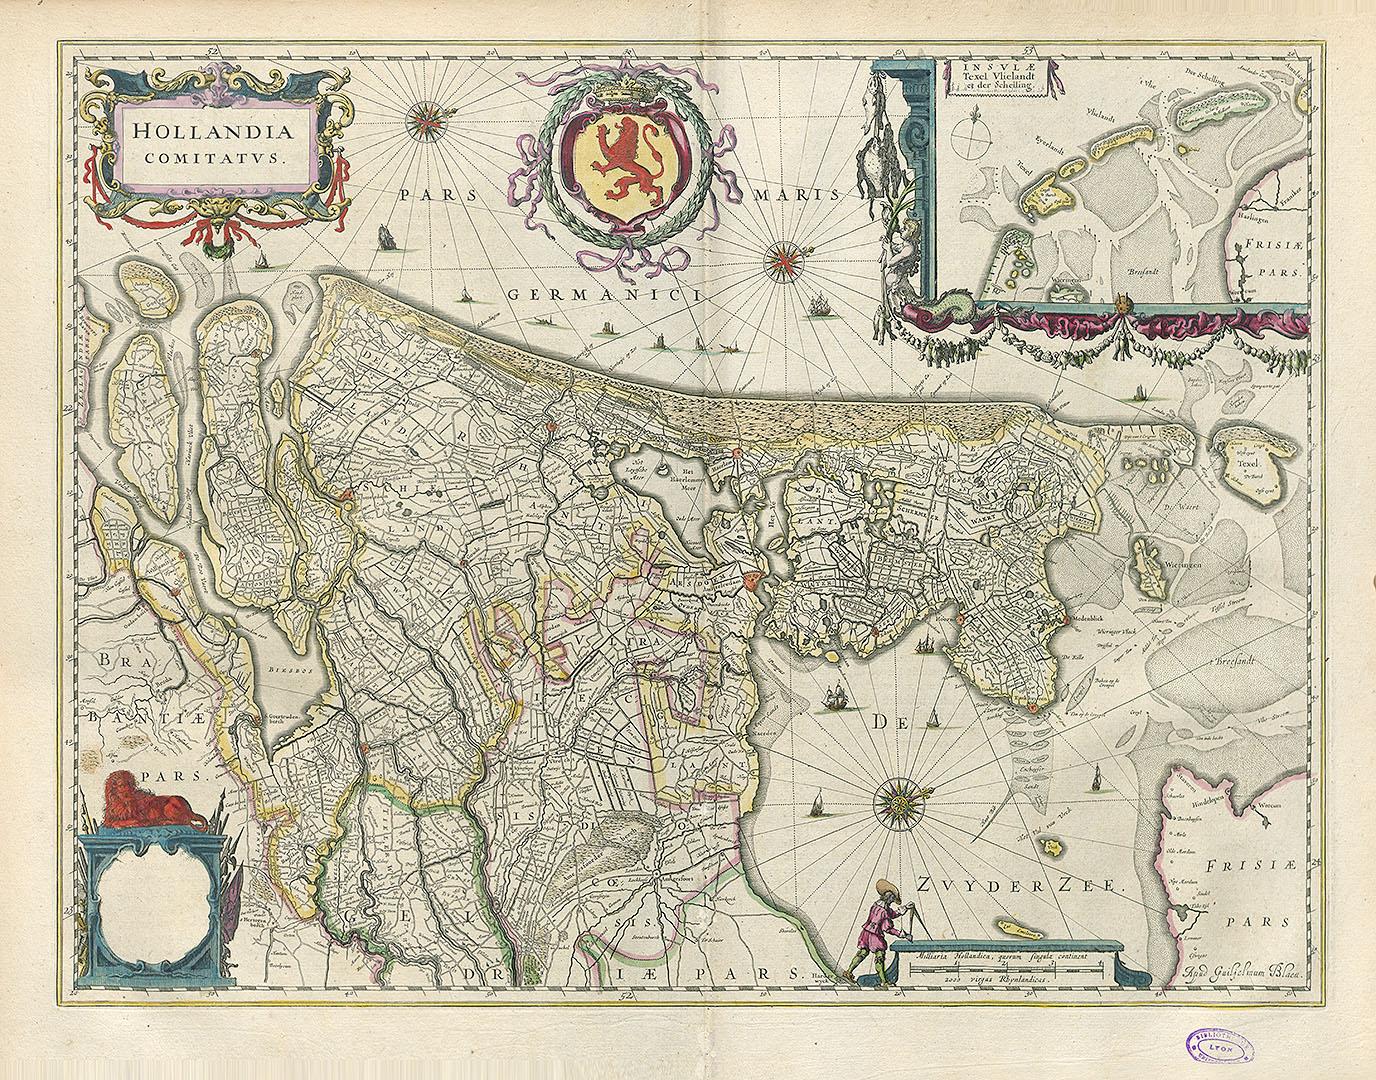 Hollandia Comitatus. Amsterdam : Blaeu, s. d.